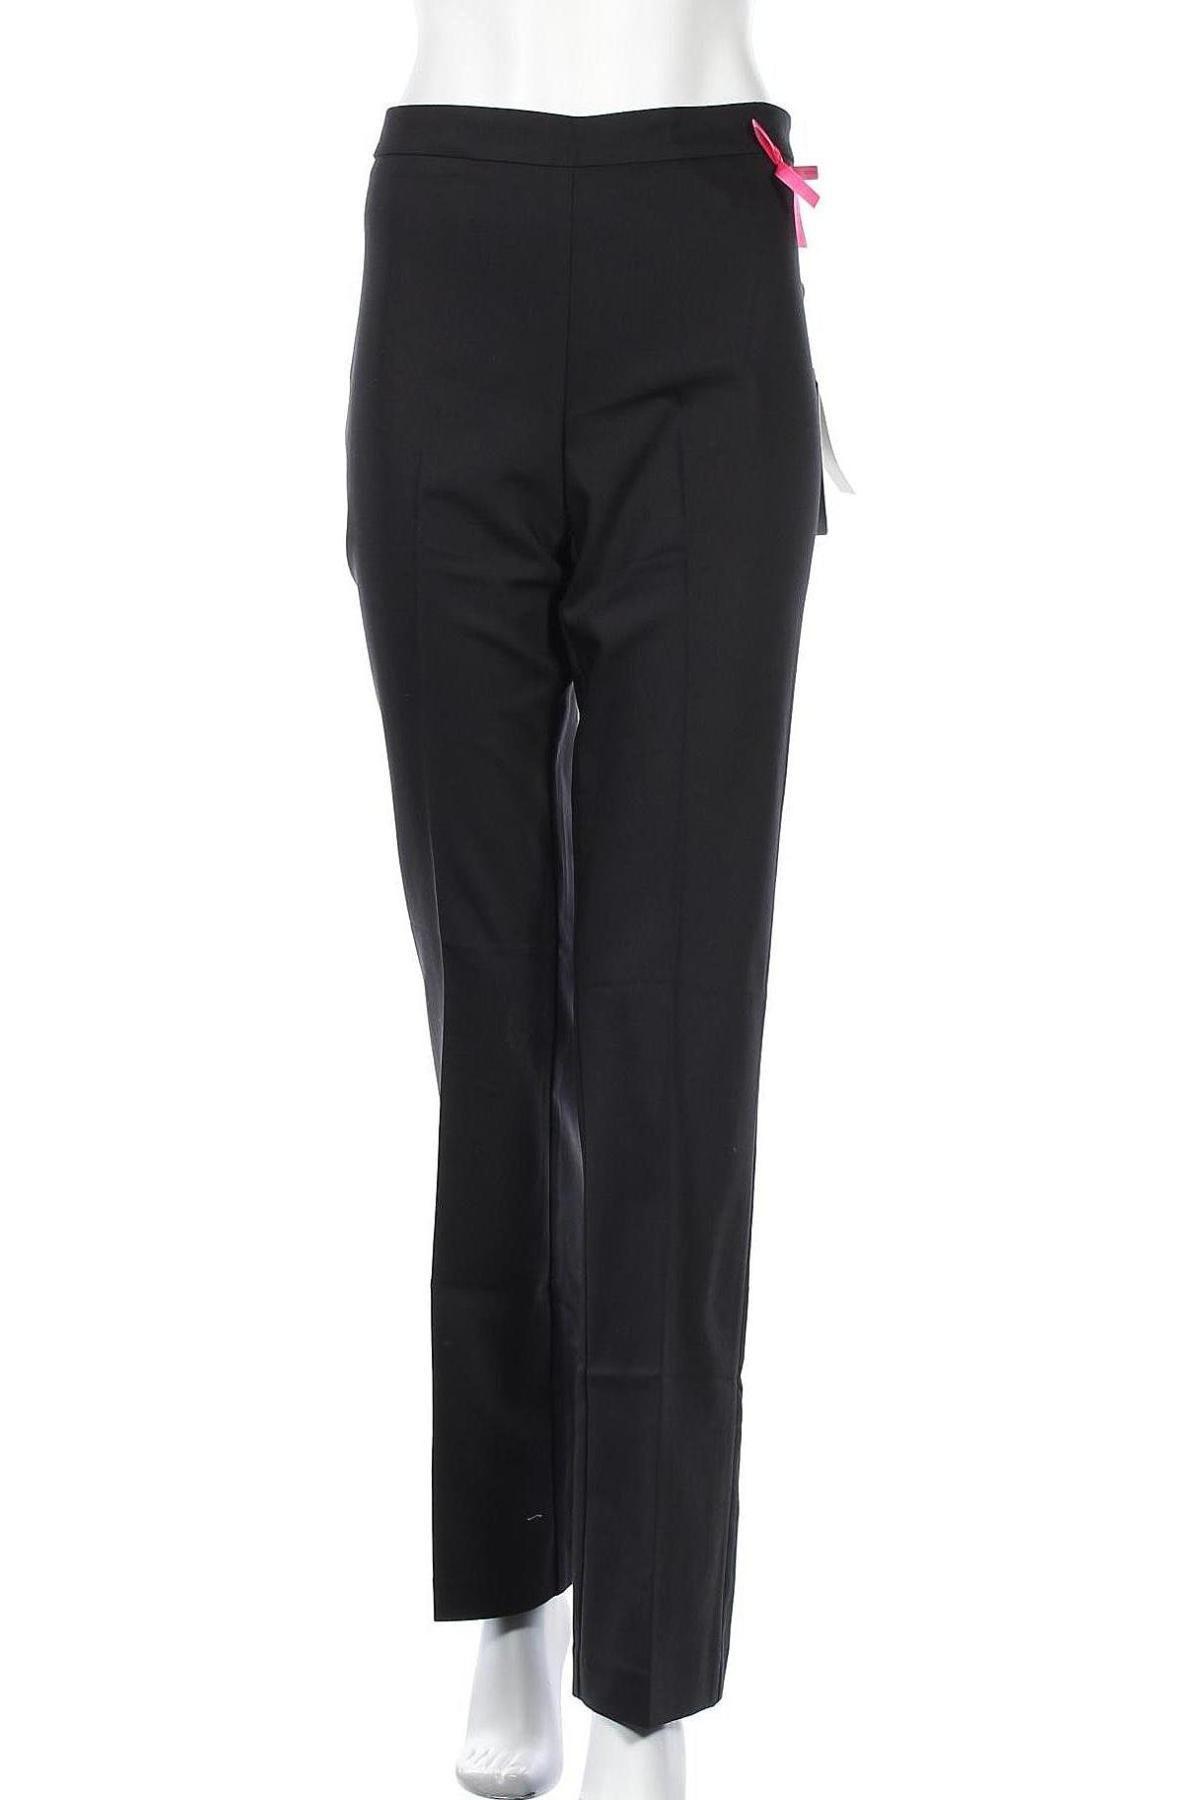 Дамски панталон Camomilla, Размер XL, Цвят Черен, 57% памук, 40% полиестер, 3% еластан, Цена 17,80лв.